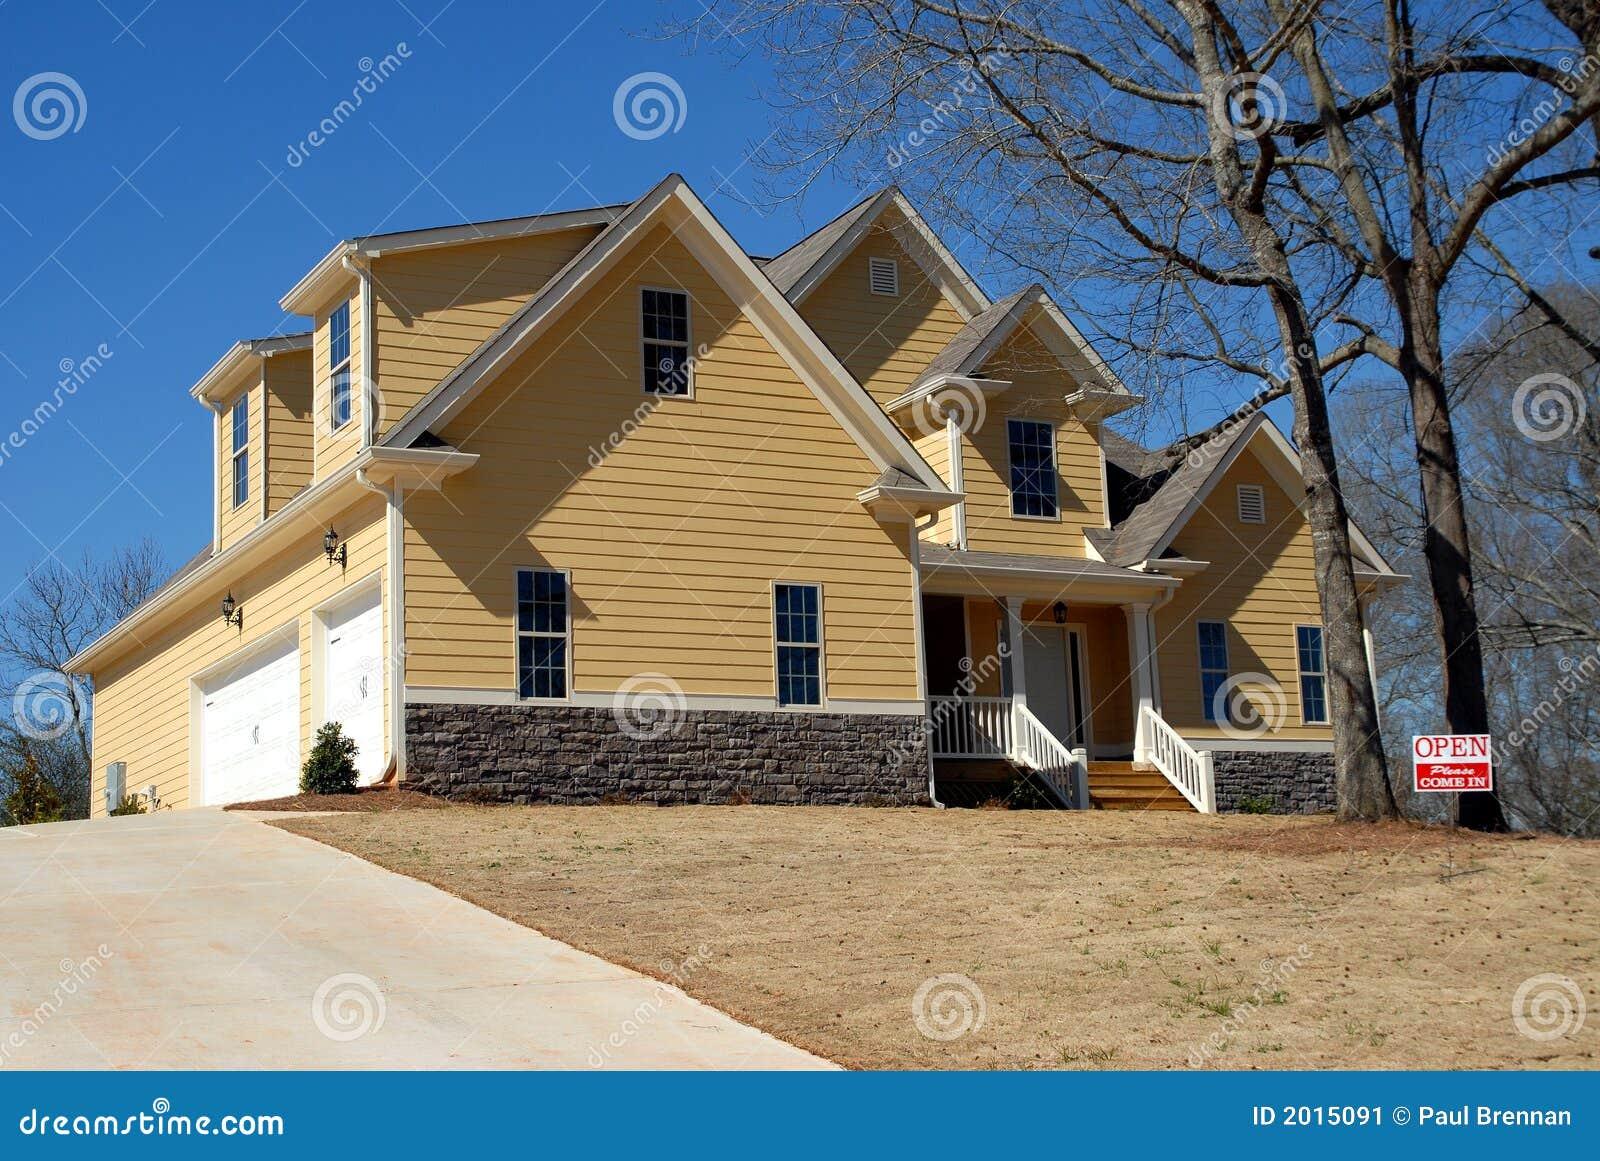 Nuova casa immagine stock immagine di appaltatore for Nuova casa coloniale in inghilterra